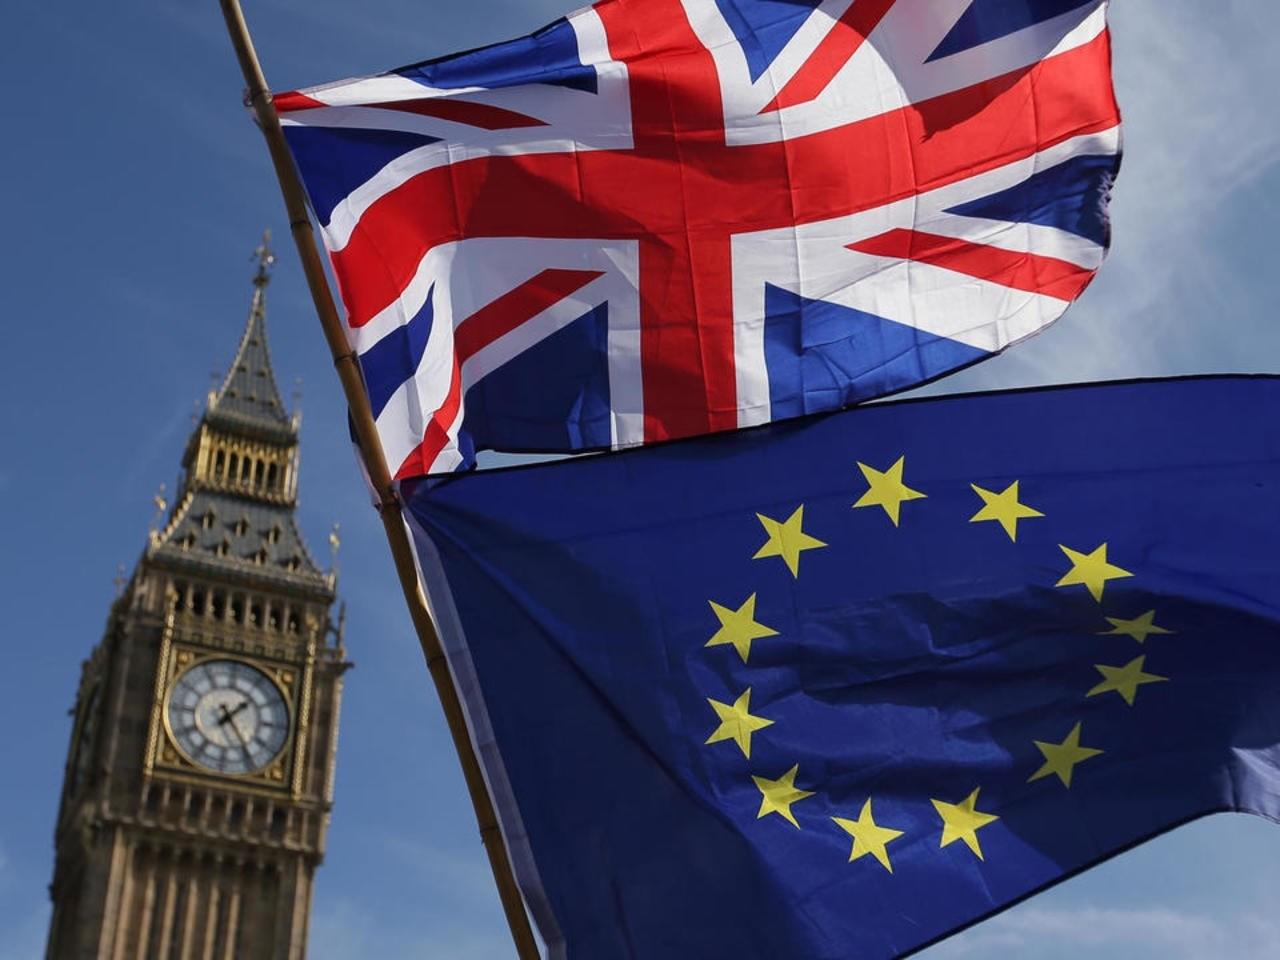 الدول الأوروبية تشيد بالاتفاق الذي تمّ التوصل إليه بين بريطانيا والاتحاد الأوروبي بشأن